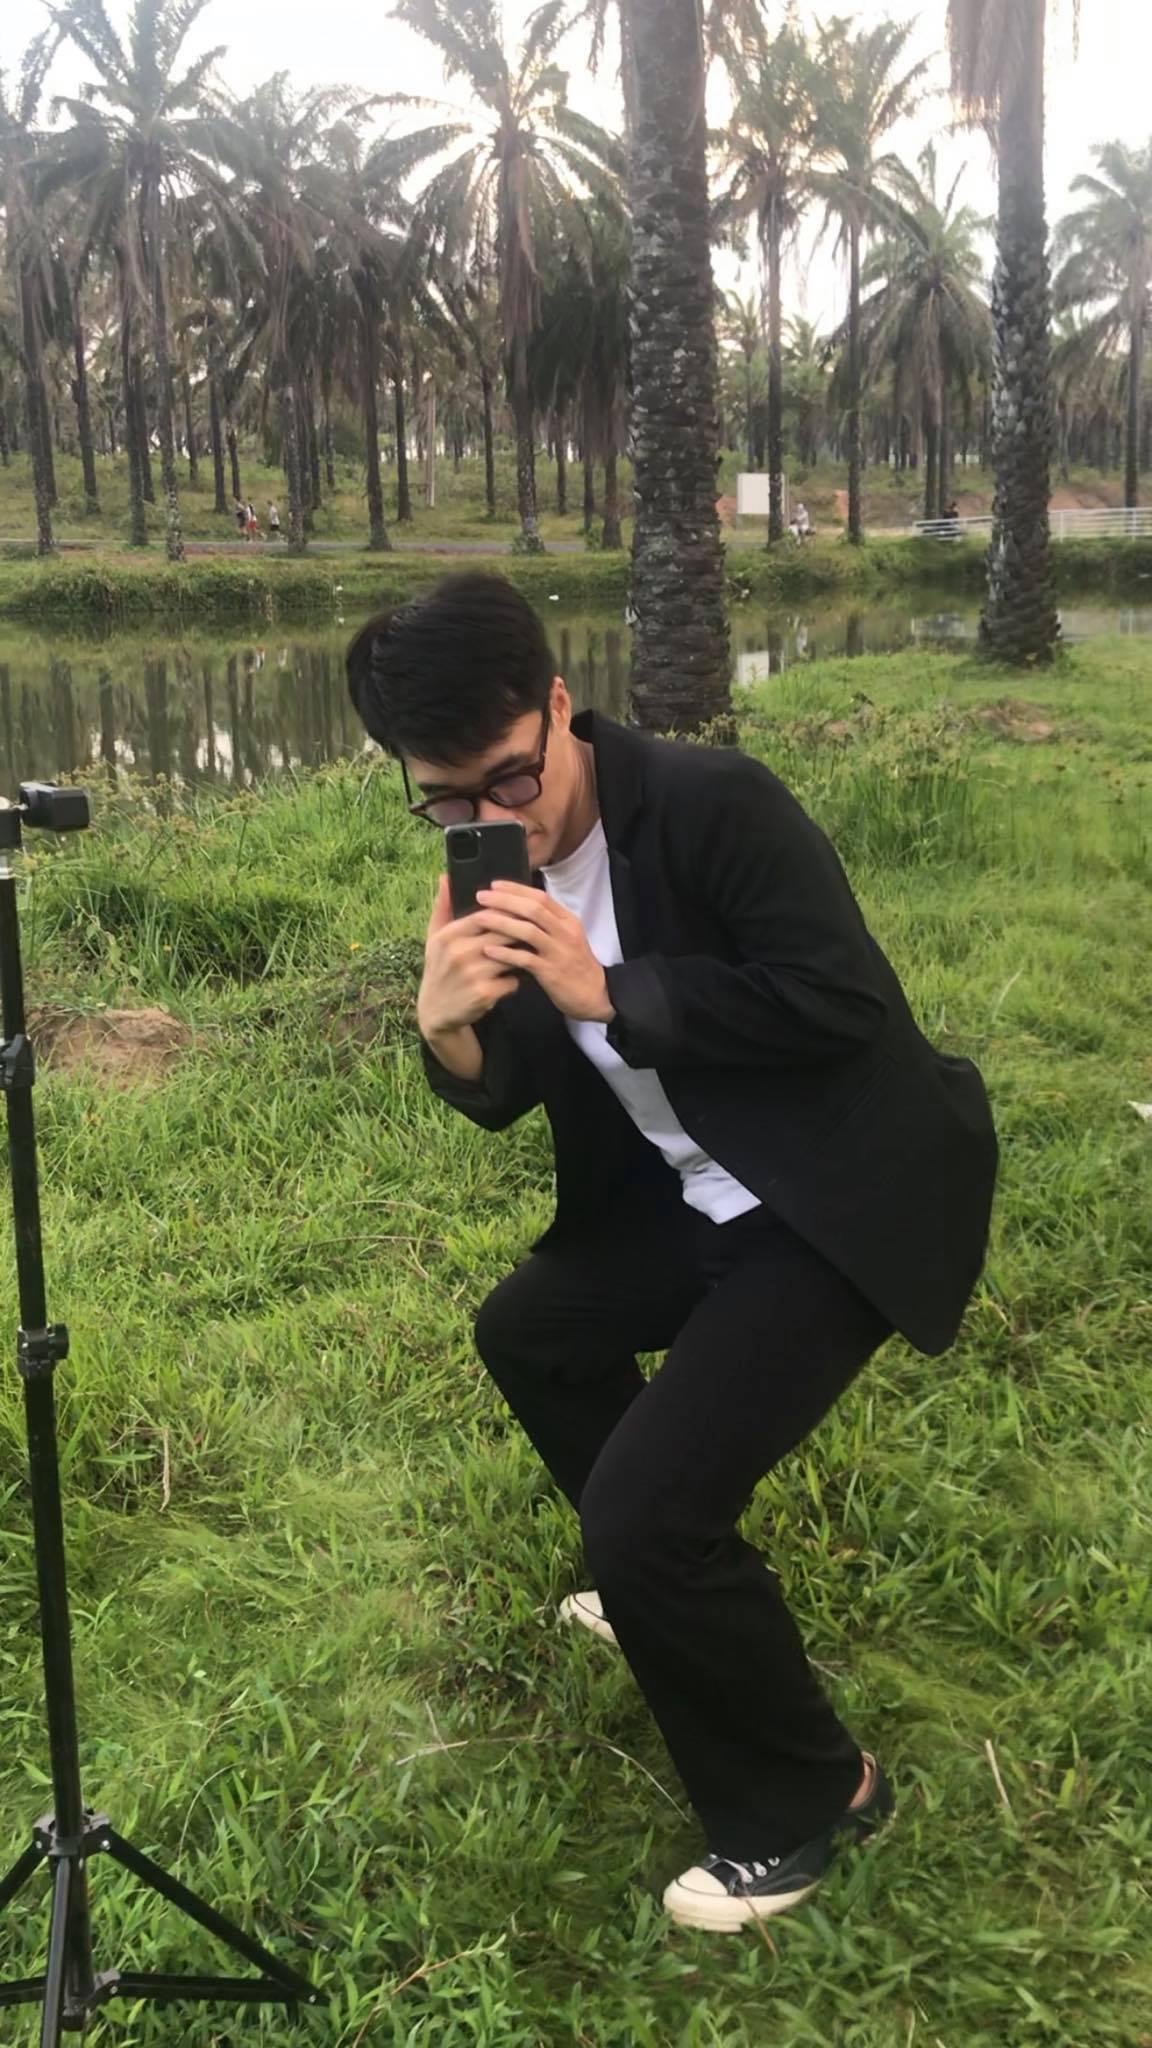 Chàng trai Quảng Trị gây 'bão mạng' với câu nói: 'Không cần giàu, chỉ cần biết chụp ảnh là có người yêu'